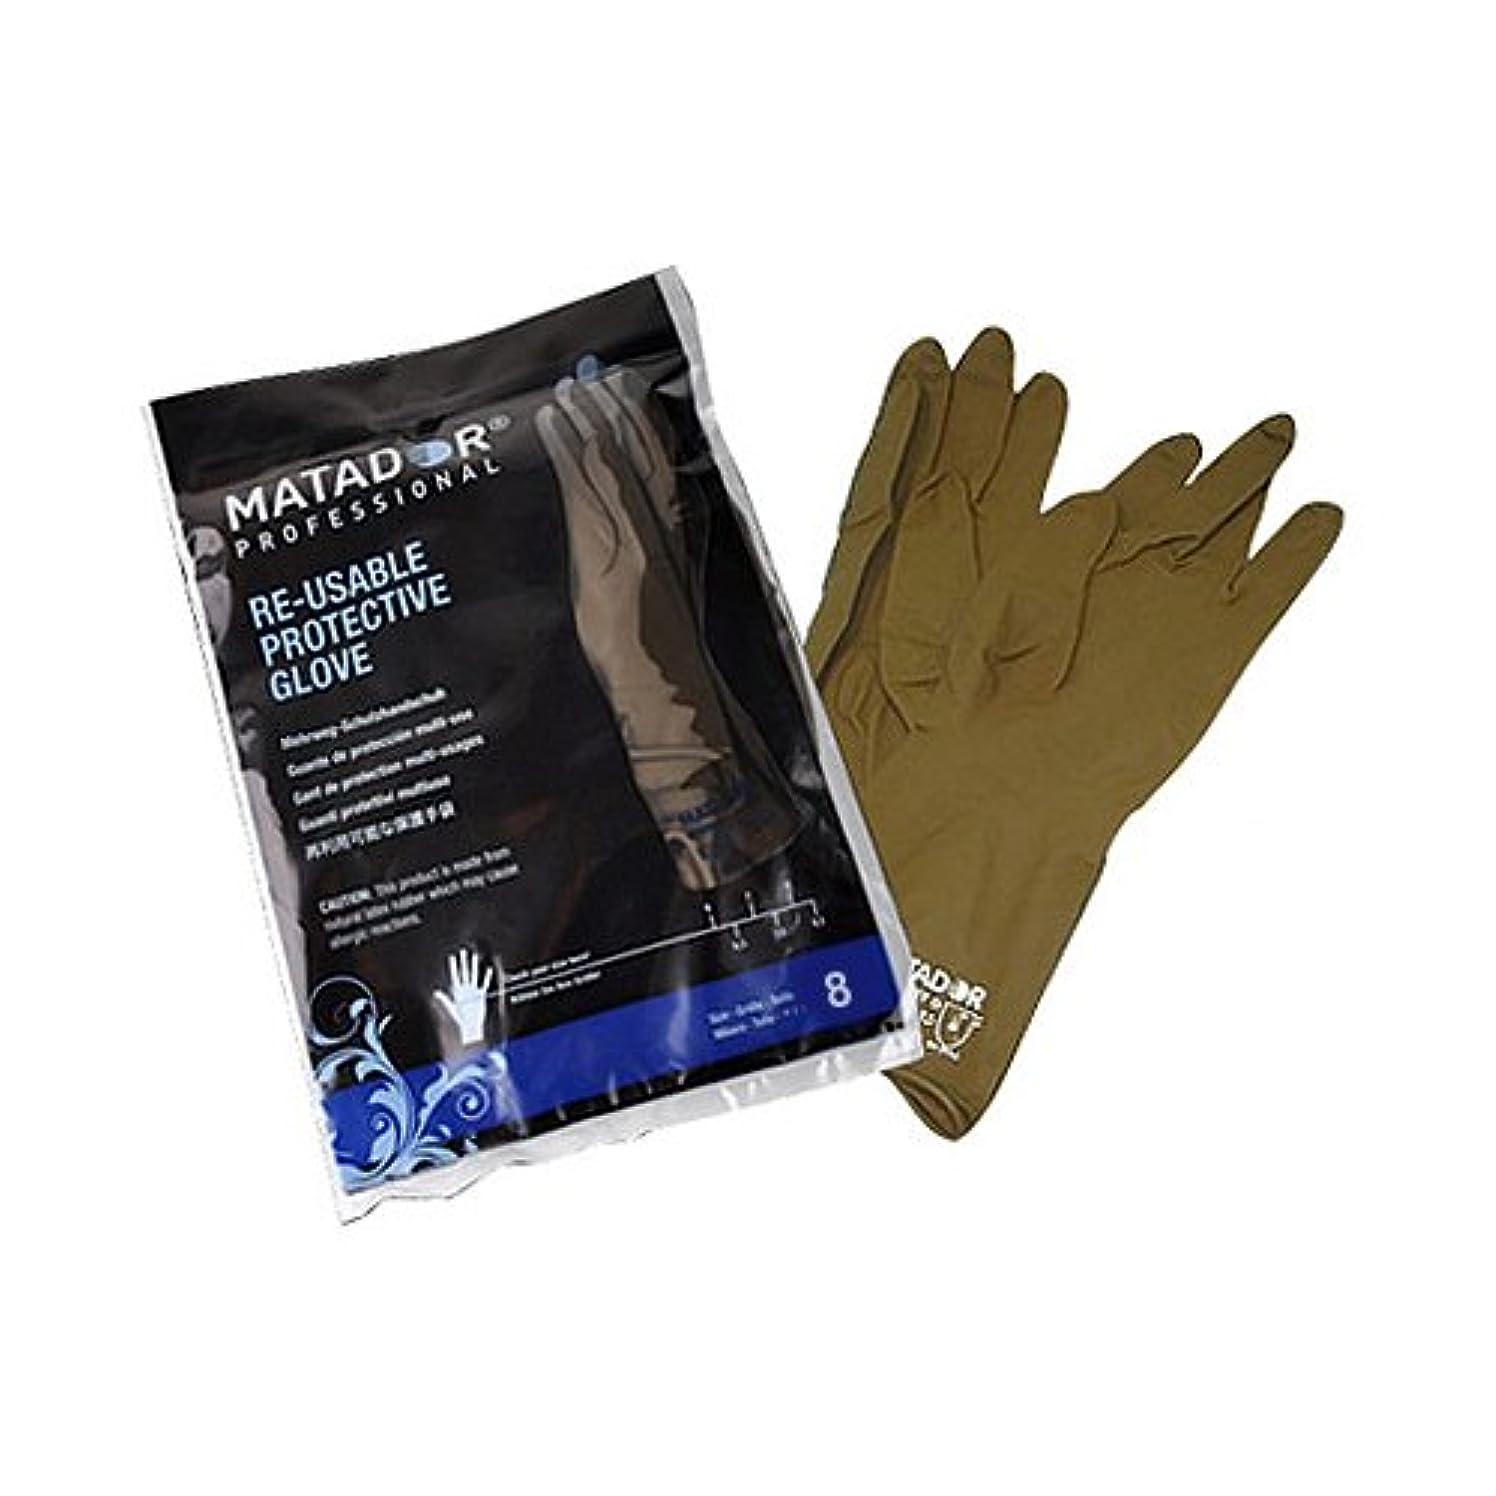 周術期苗とげのあるマタドールゴム手袋 8.0吋 【5個セット】